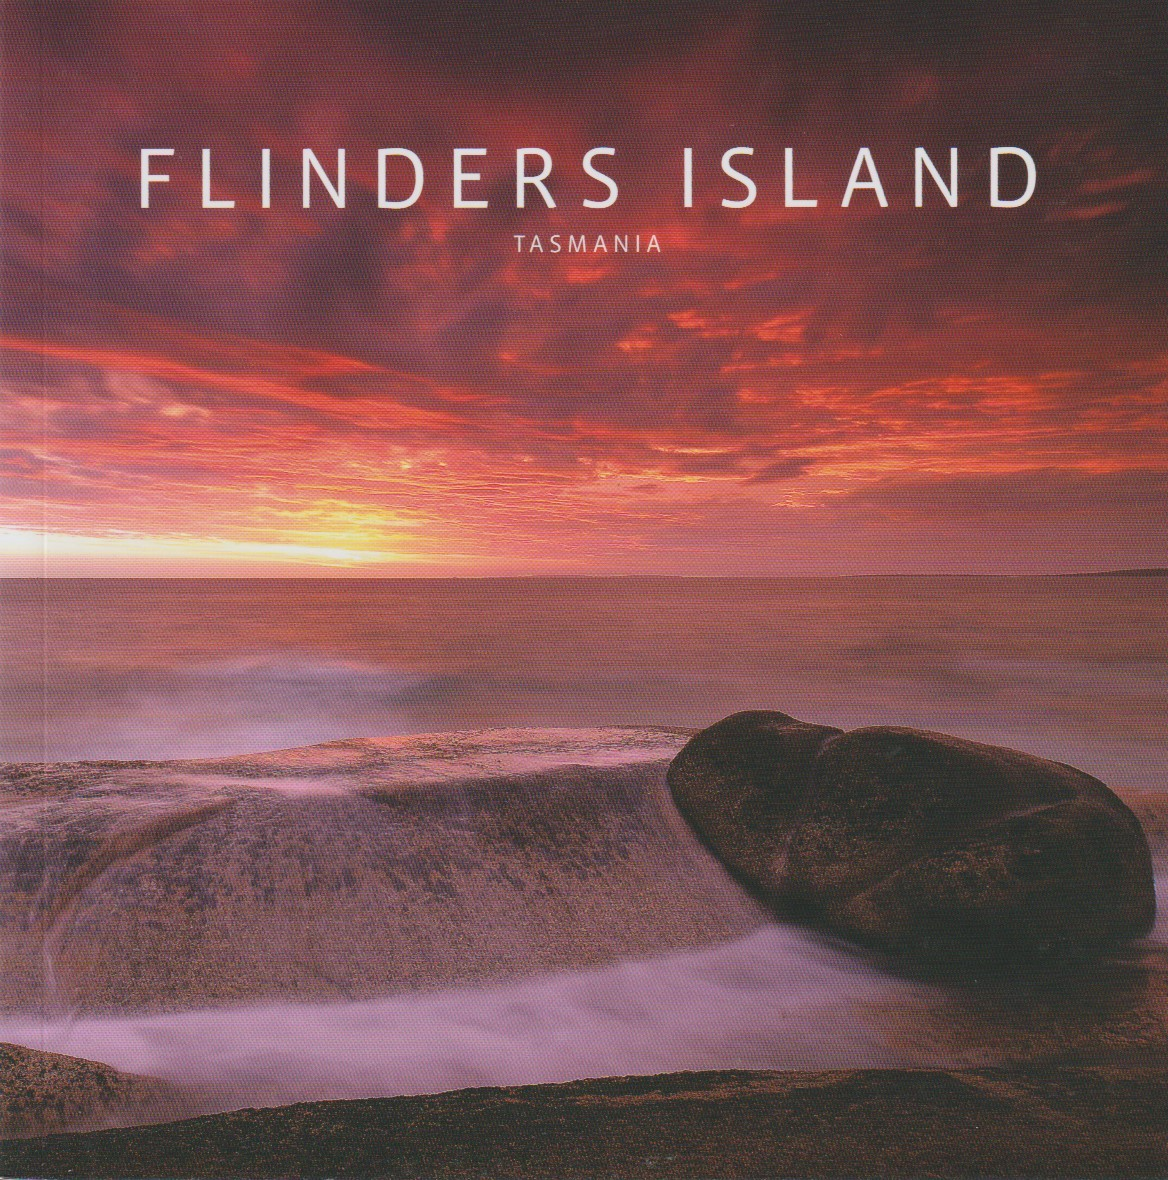 Flinders Island Tasmania - photographic booklet